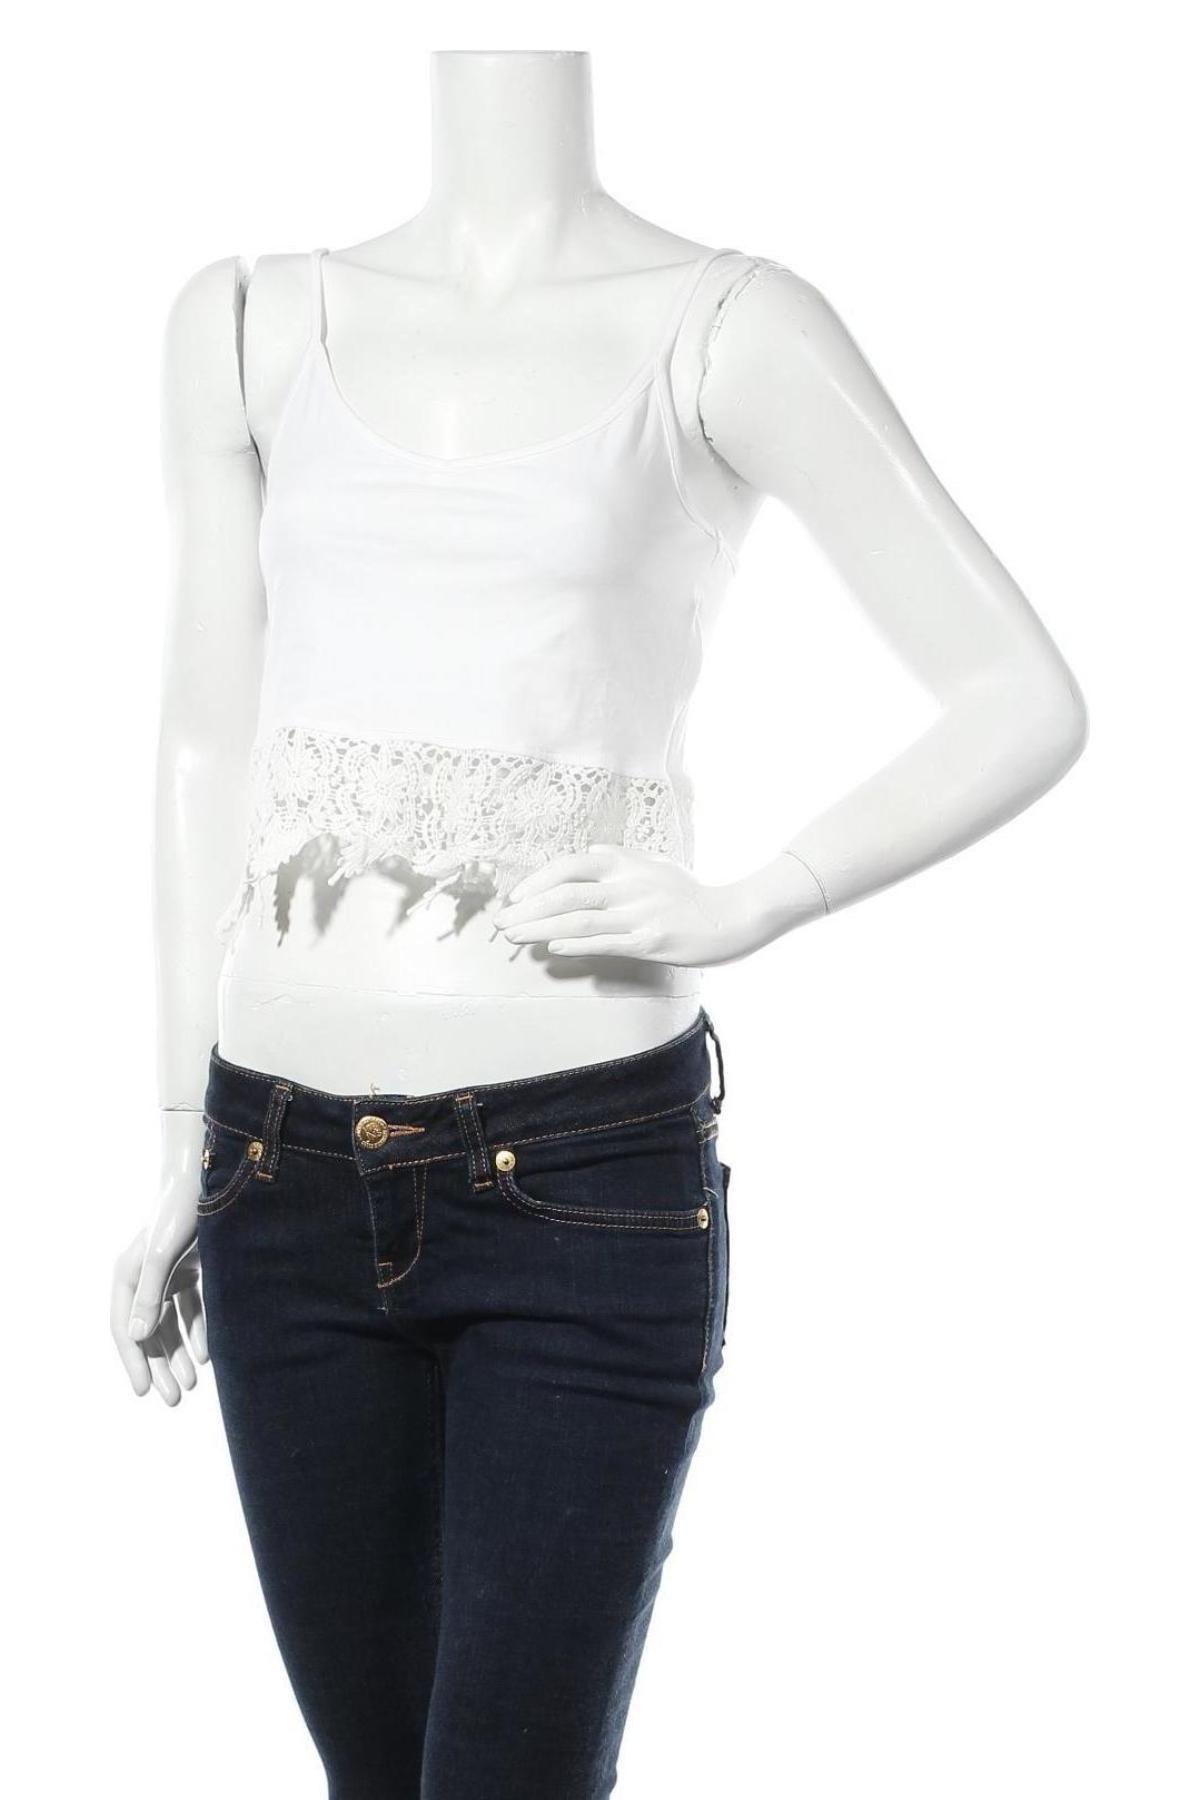 Дамски потник Hailys, Размер M, Цвят Бял, 95% памук, 5% еластан, Цена 24,00лв.